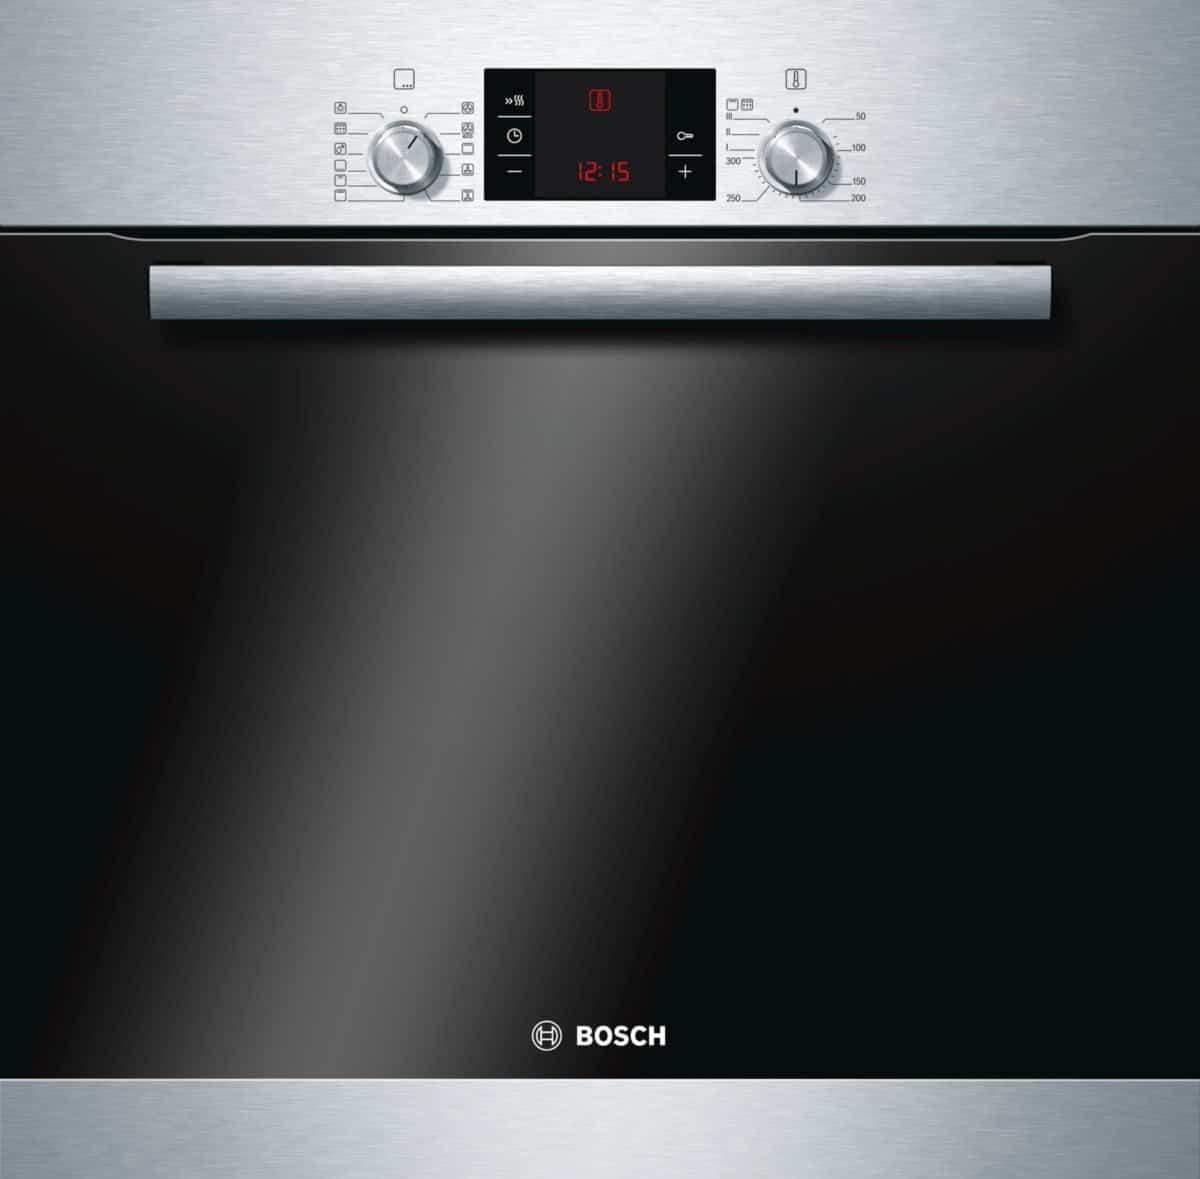 Bosch Hbd72pf50 Einbau Backofen Kochfeld Top Kundenbewertung